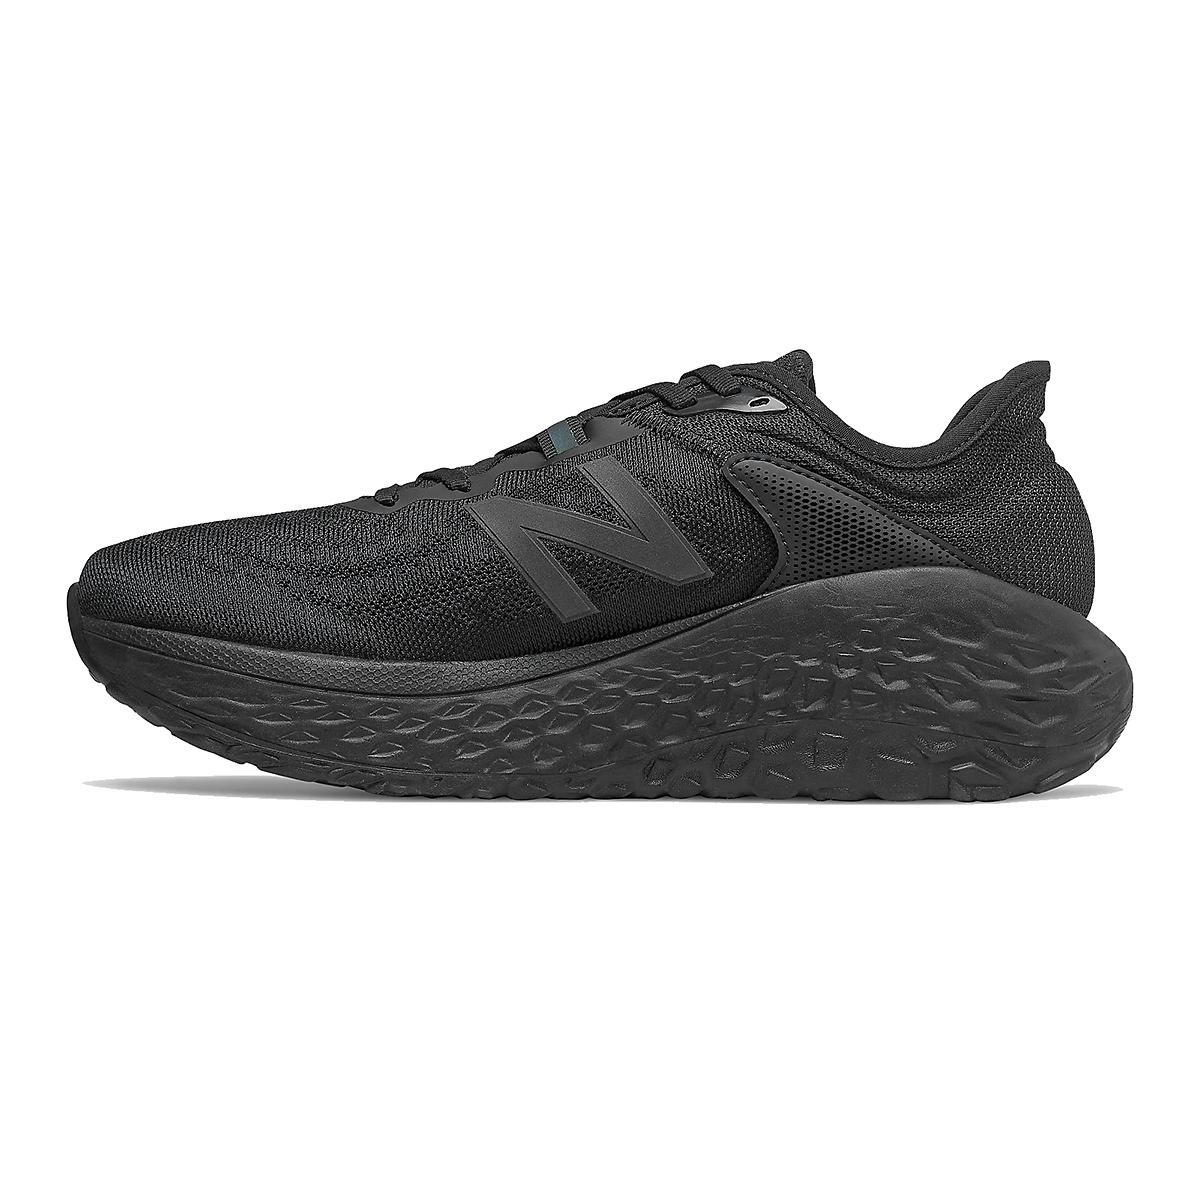 Men's New Balance Fresh Foam More V2 Running Shoe - Color: Black (Wide Width) - Size: 7, Black, large, image 2